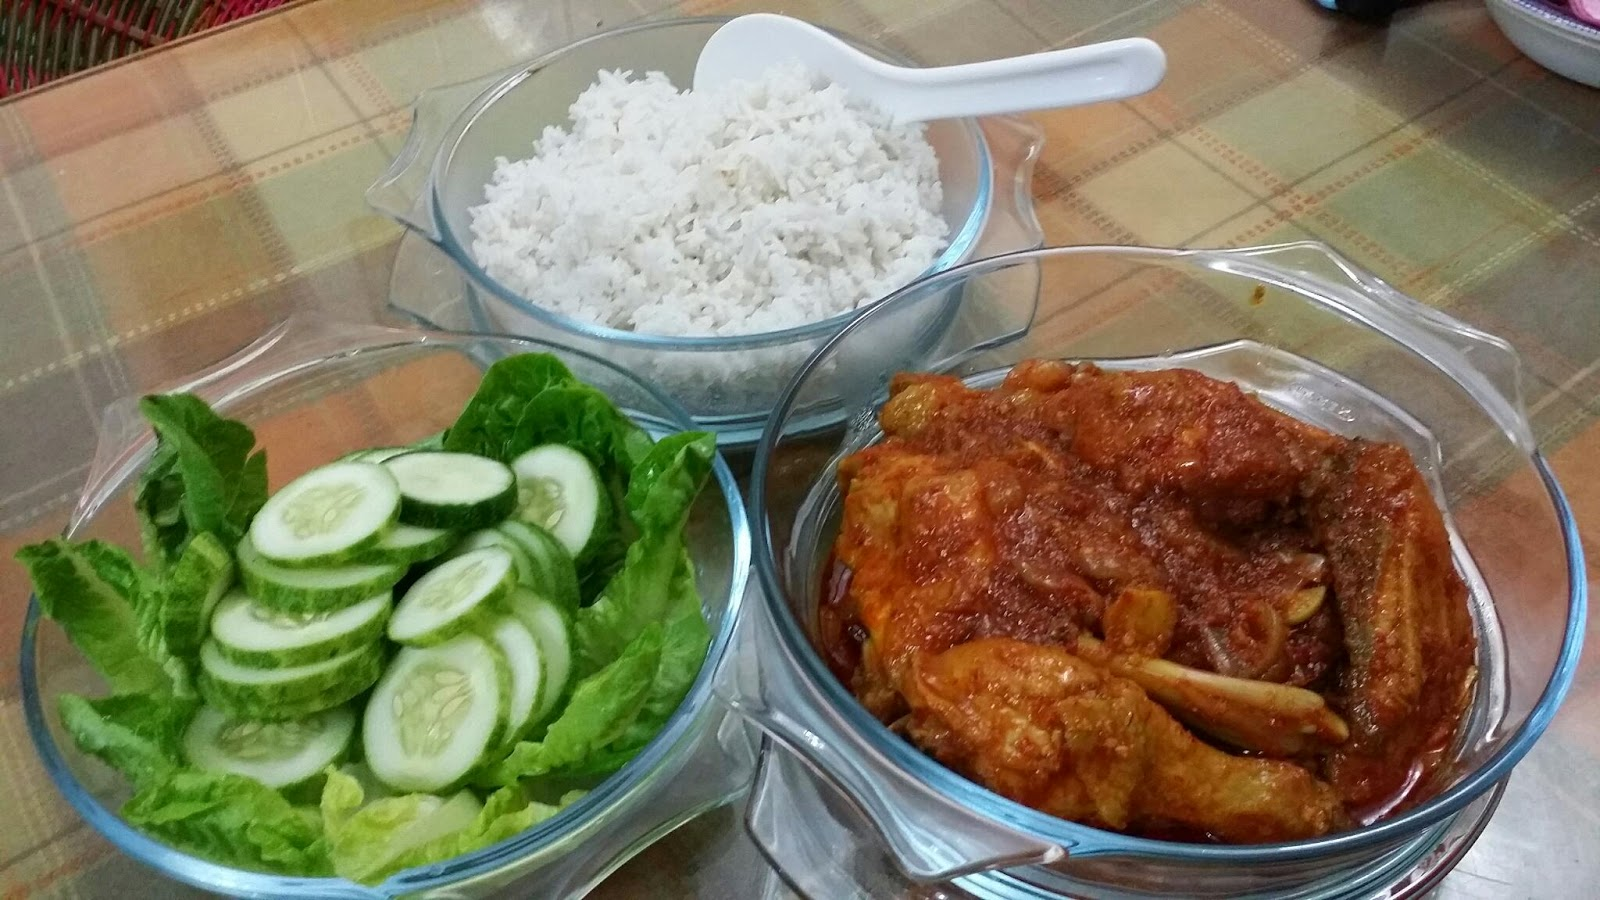 cara masak nasi lemak guna periuk elektrik